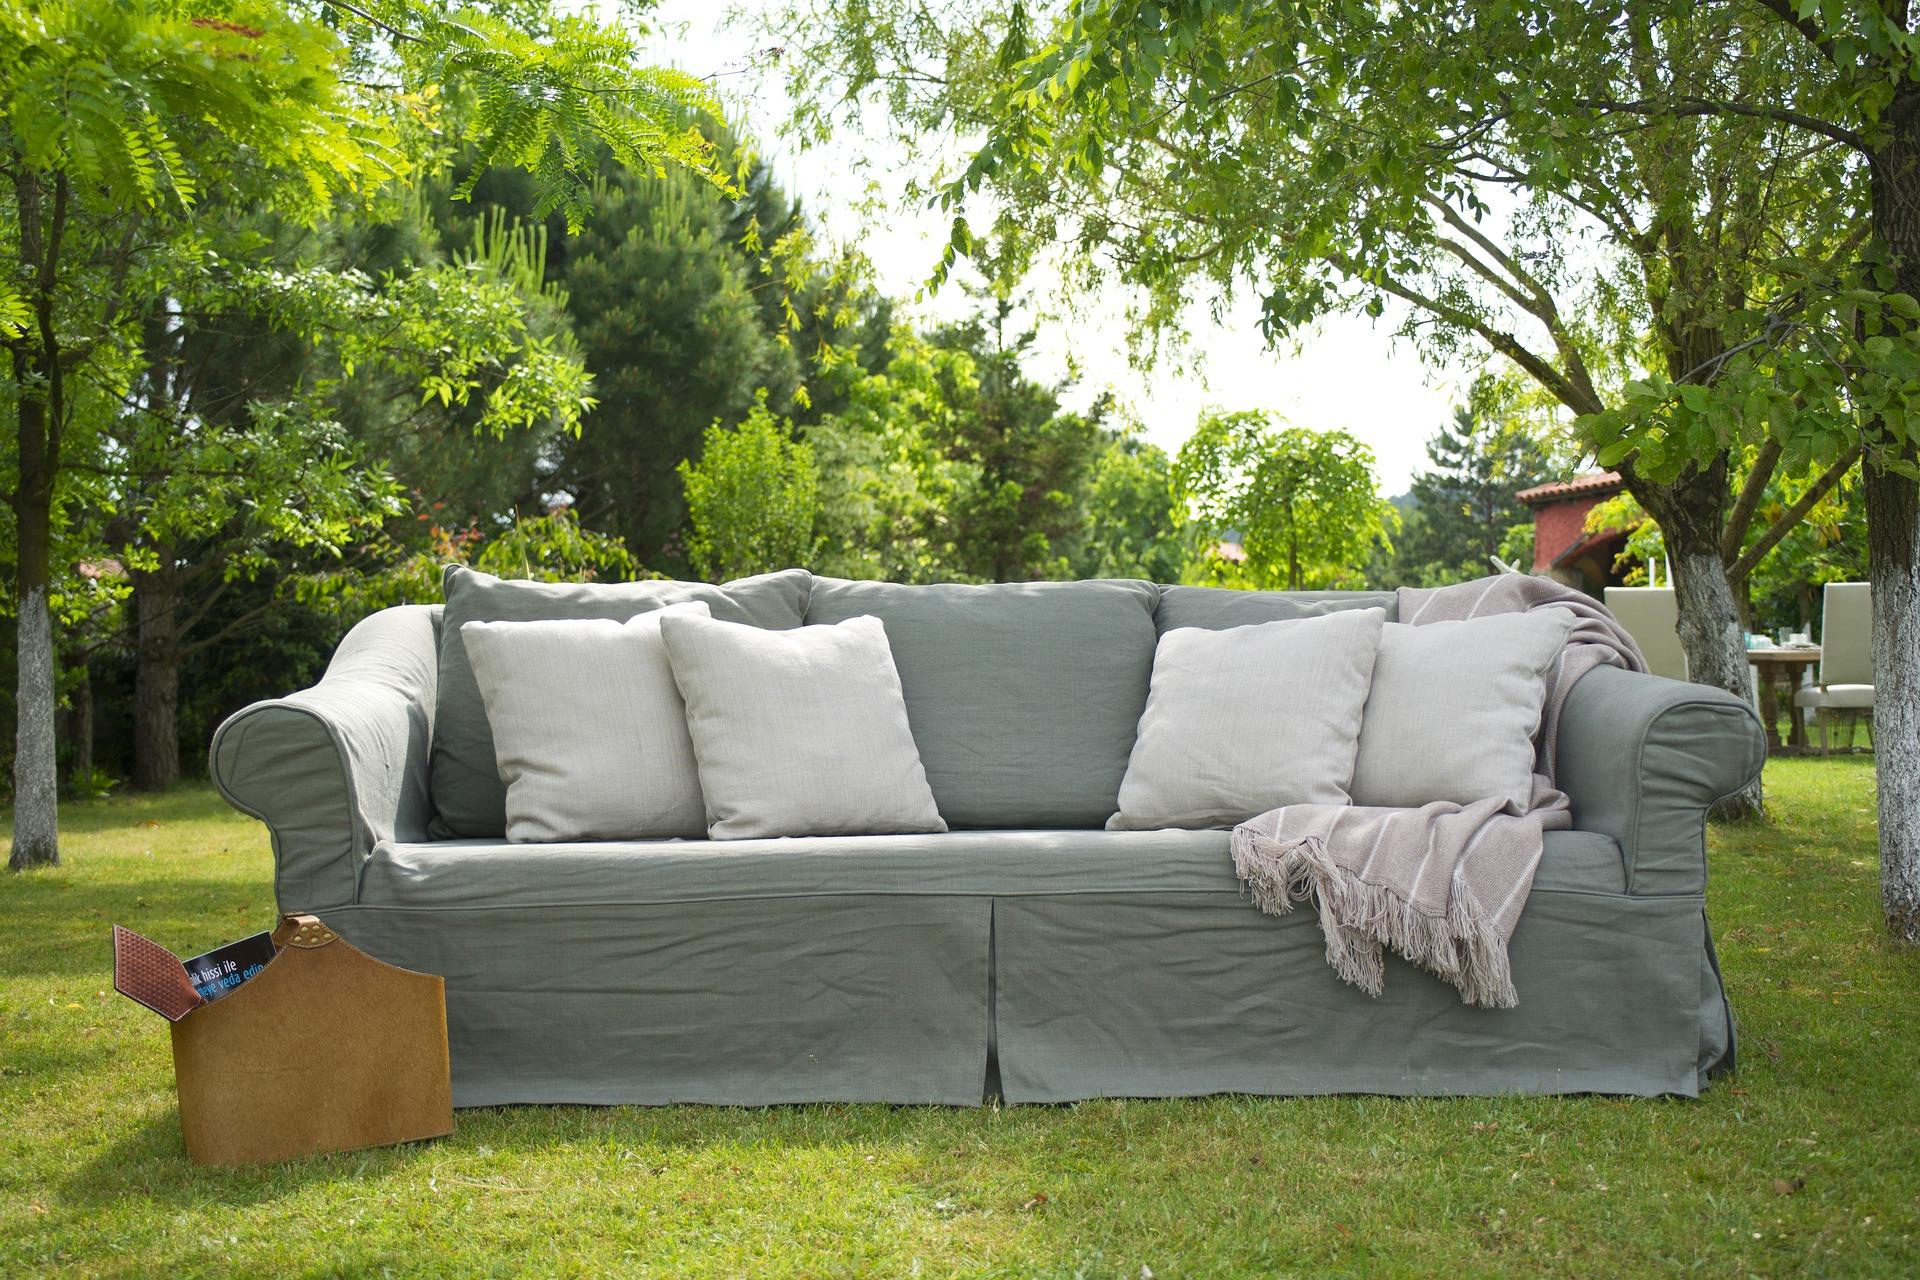 furniture-2439944_1920